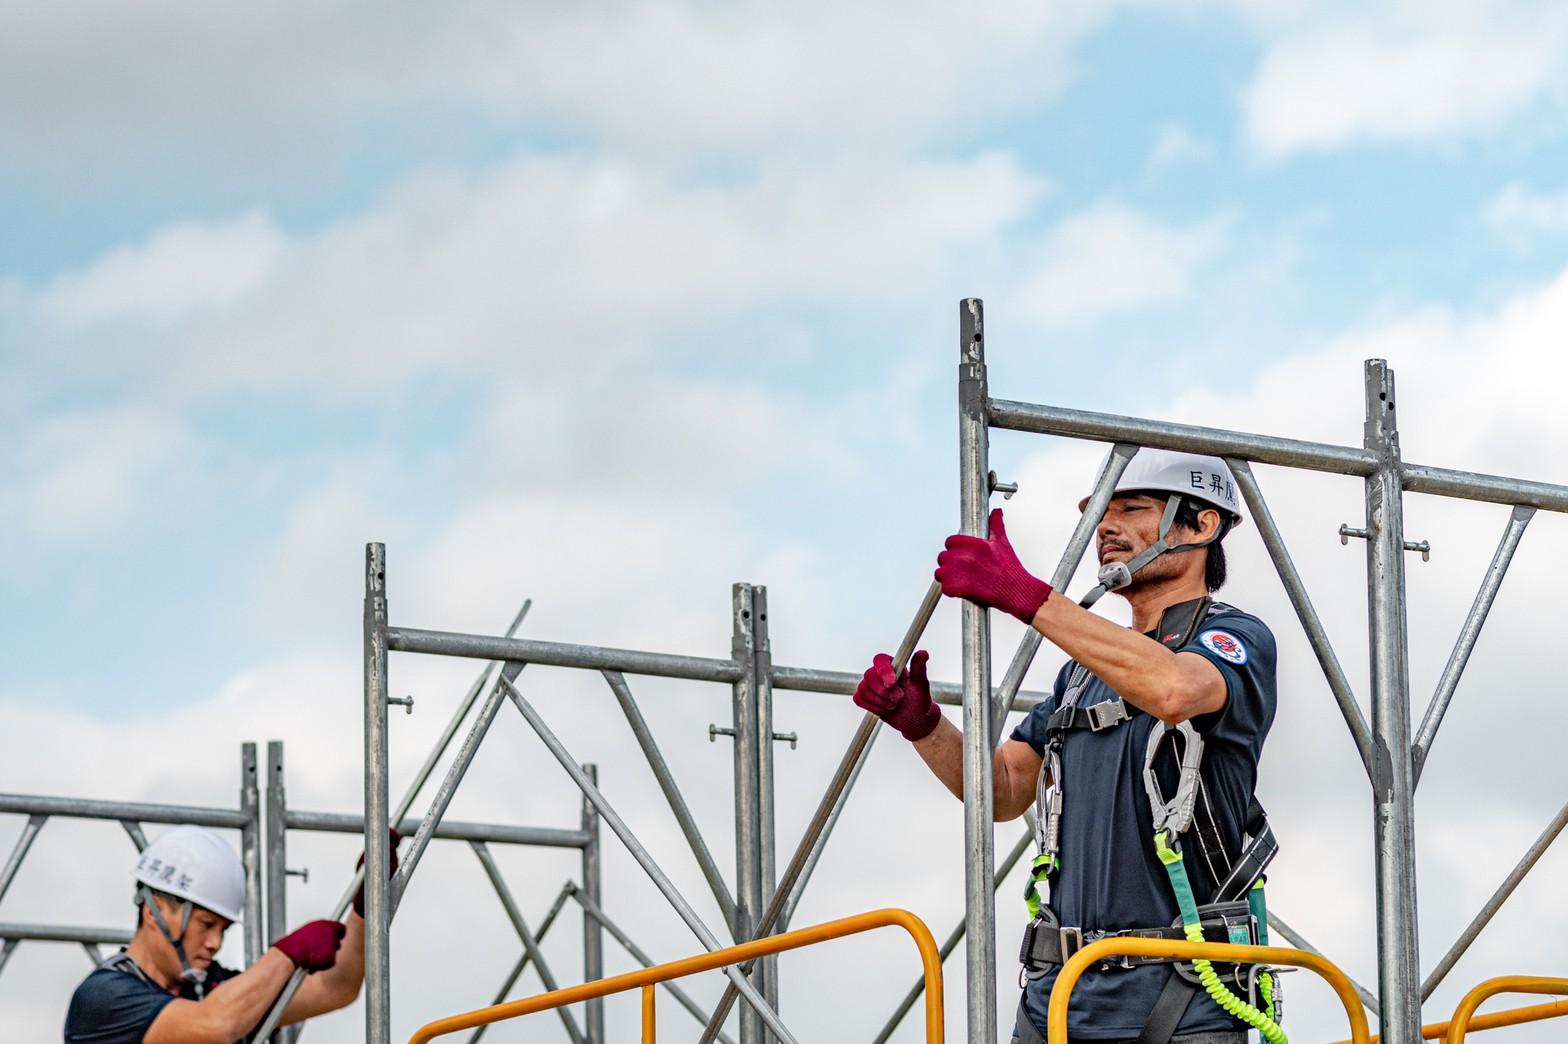 職安文化觀摩會進行高風險作業演練,盼建立以人為本的安全勞動環境